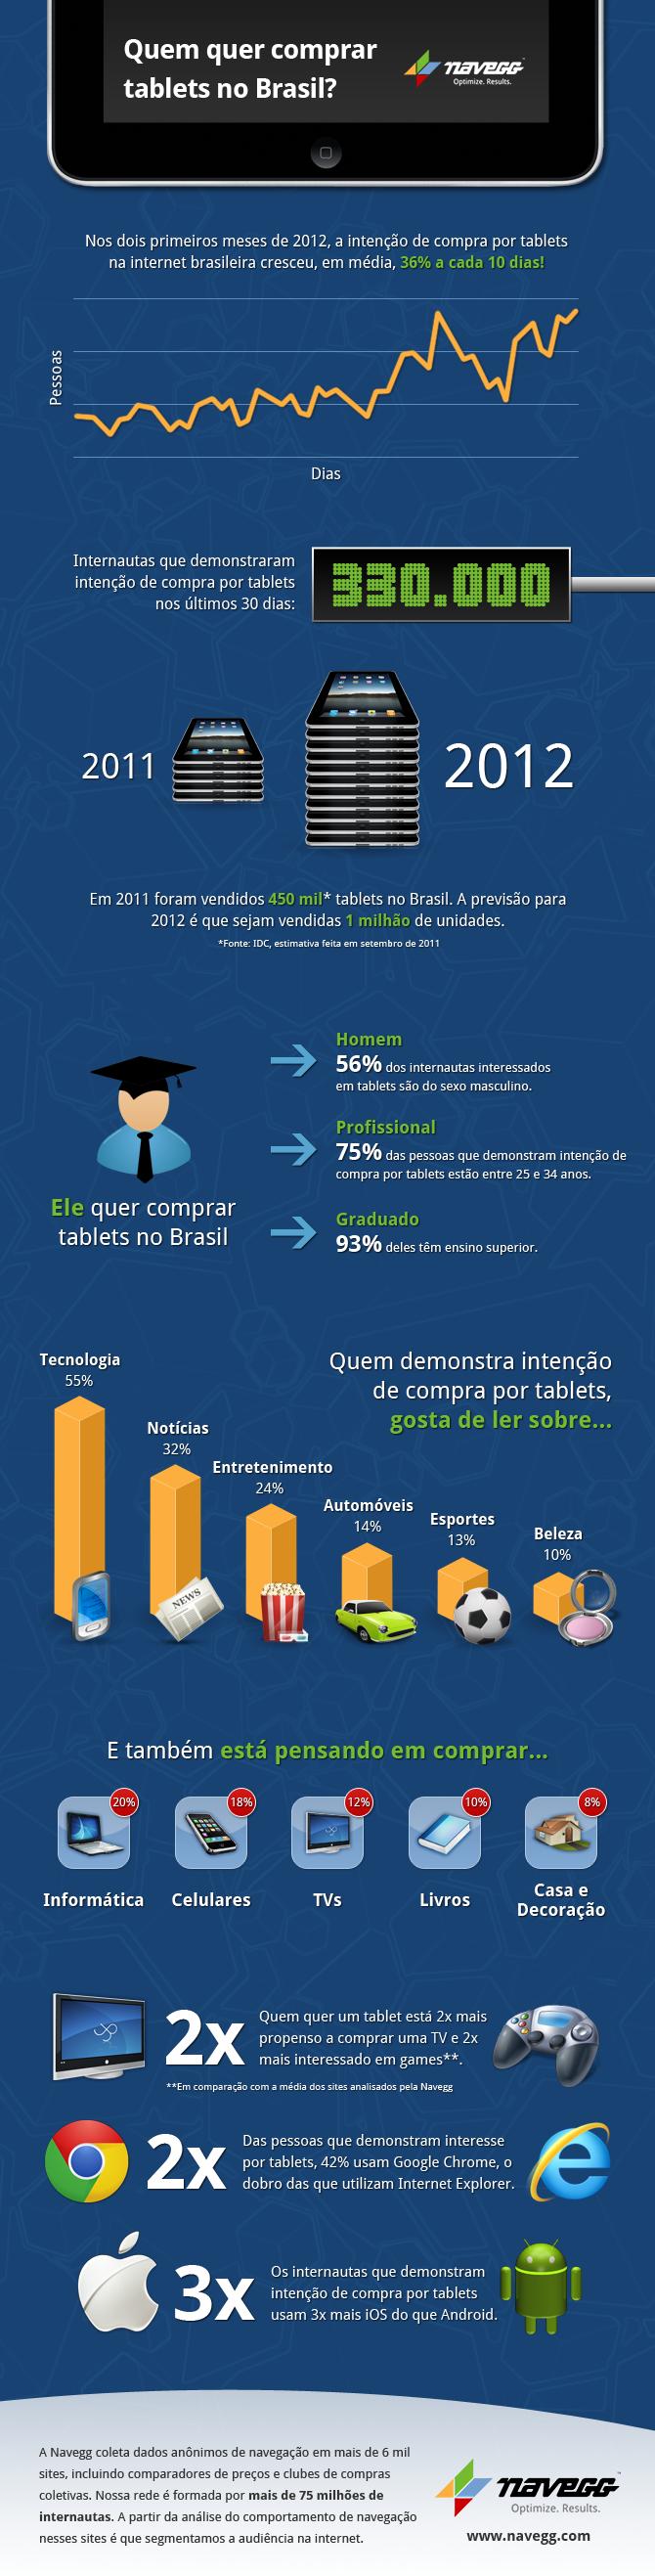 Quem quer comprar tablets no Brasil? [infográfico]